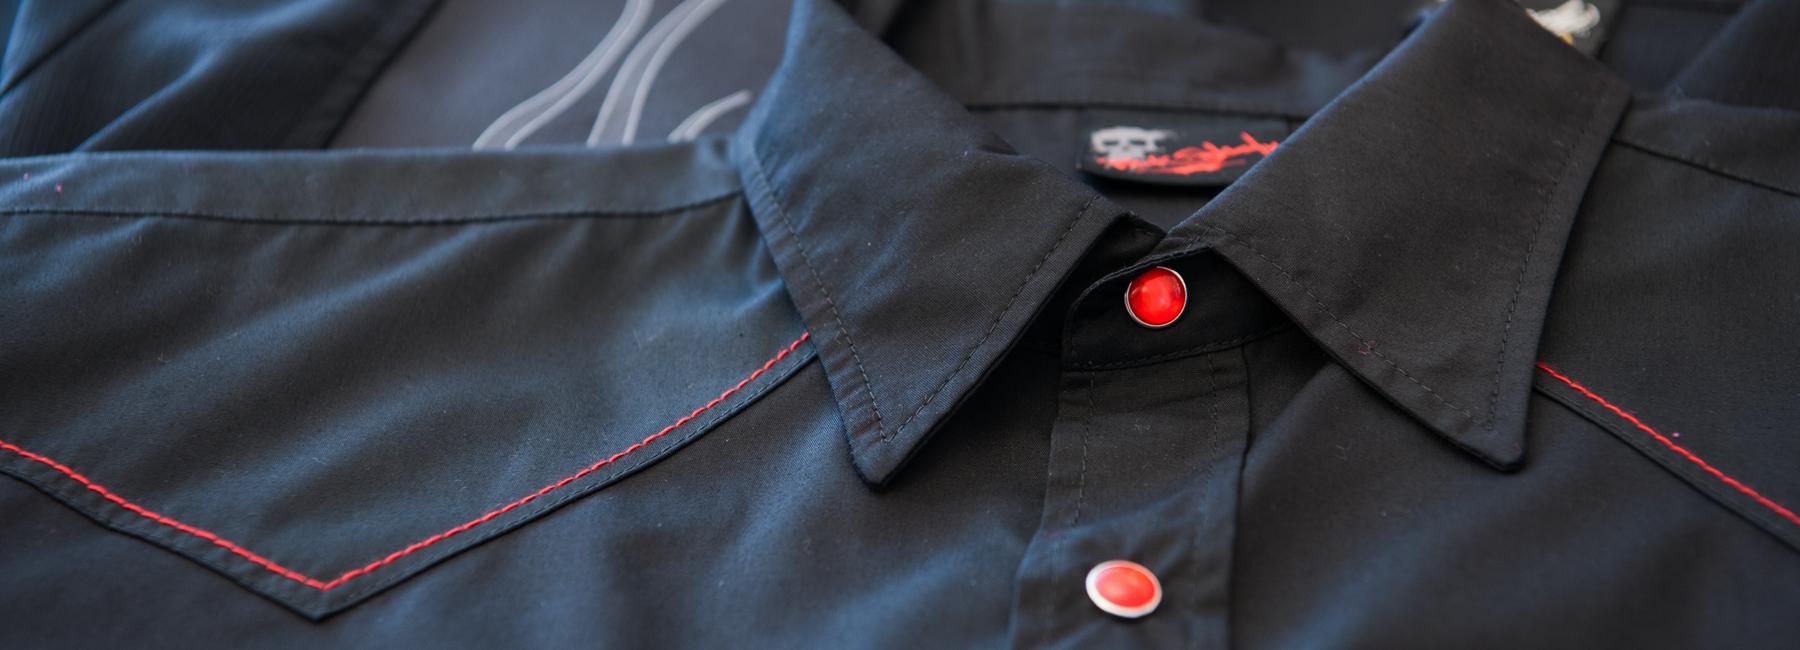 Herrenhemden im 50er Jahre Stil, Westernhemden und Bowlinghemden